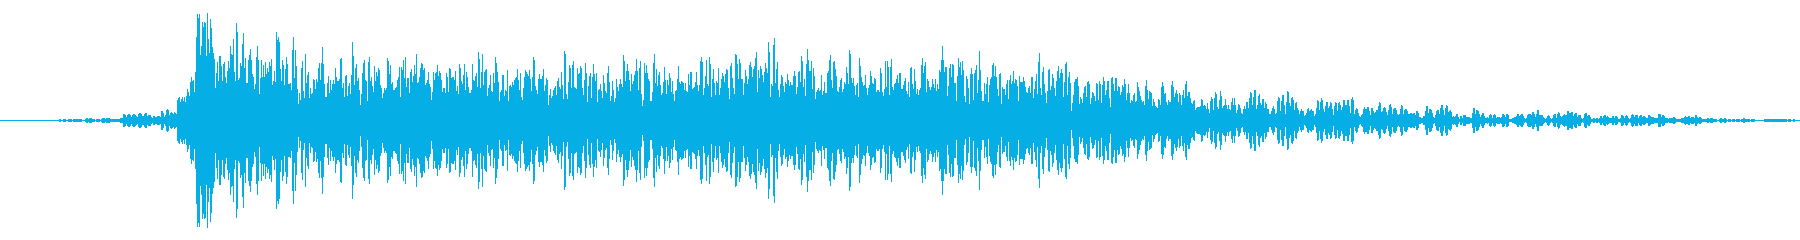 着信フェイザー衝撃爆発の再生済みの波形